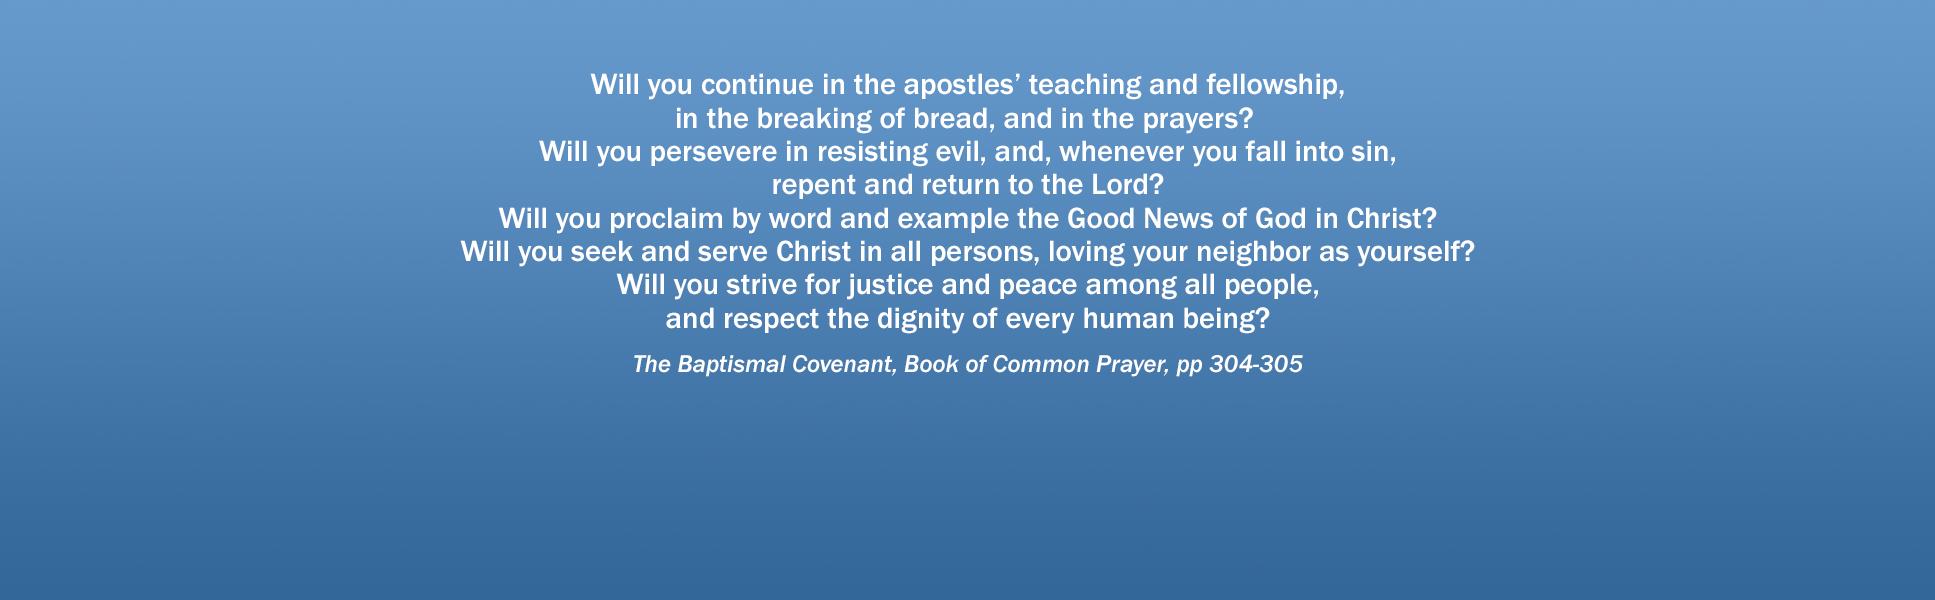 baptismalcovenant-2_833